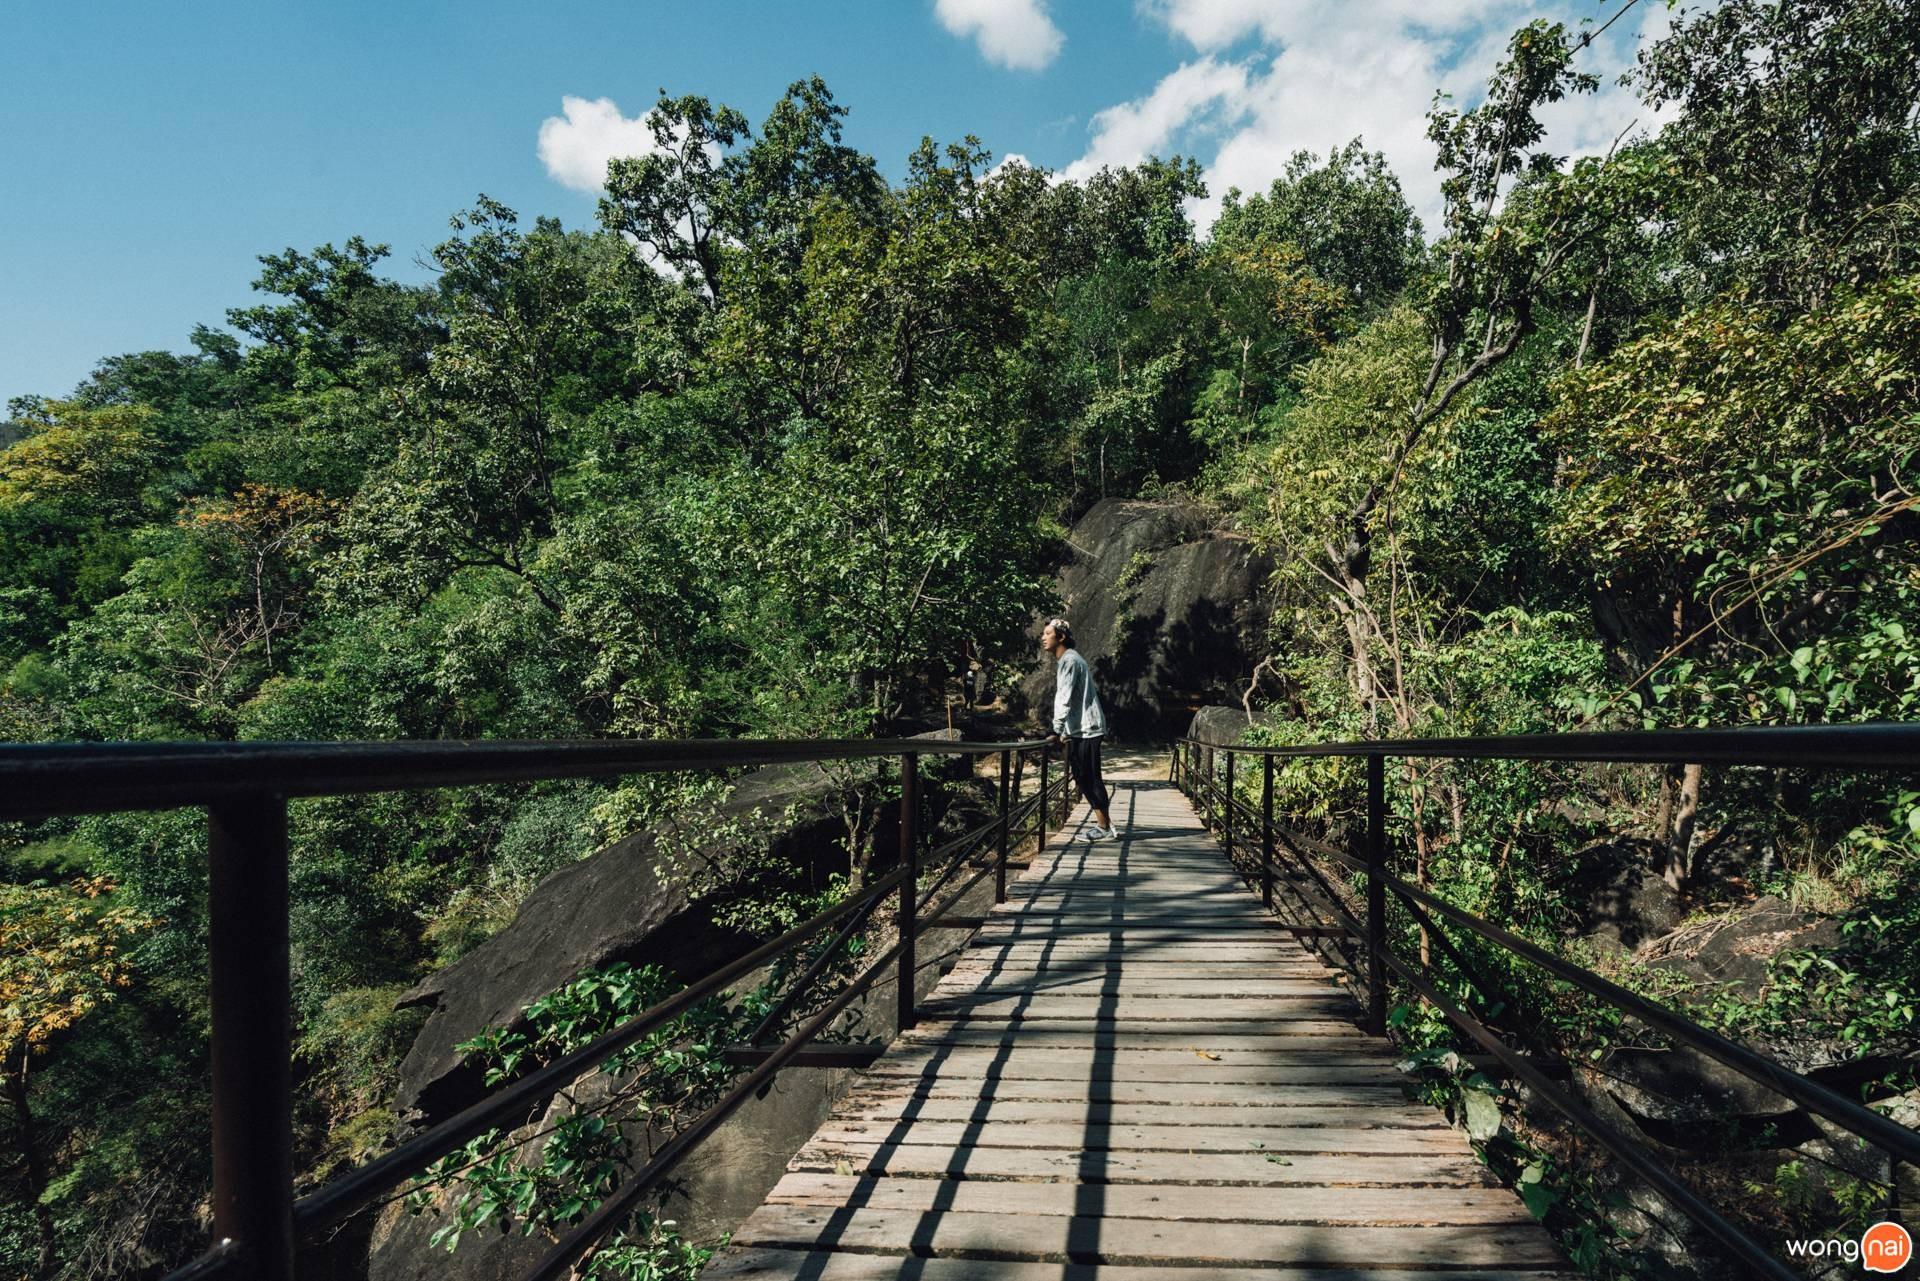 สะพานแขวนข้ามหน้าผา